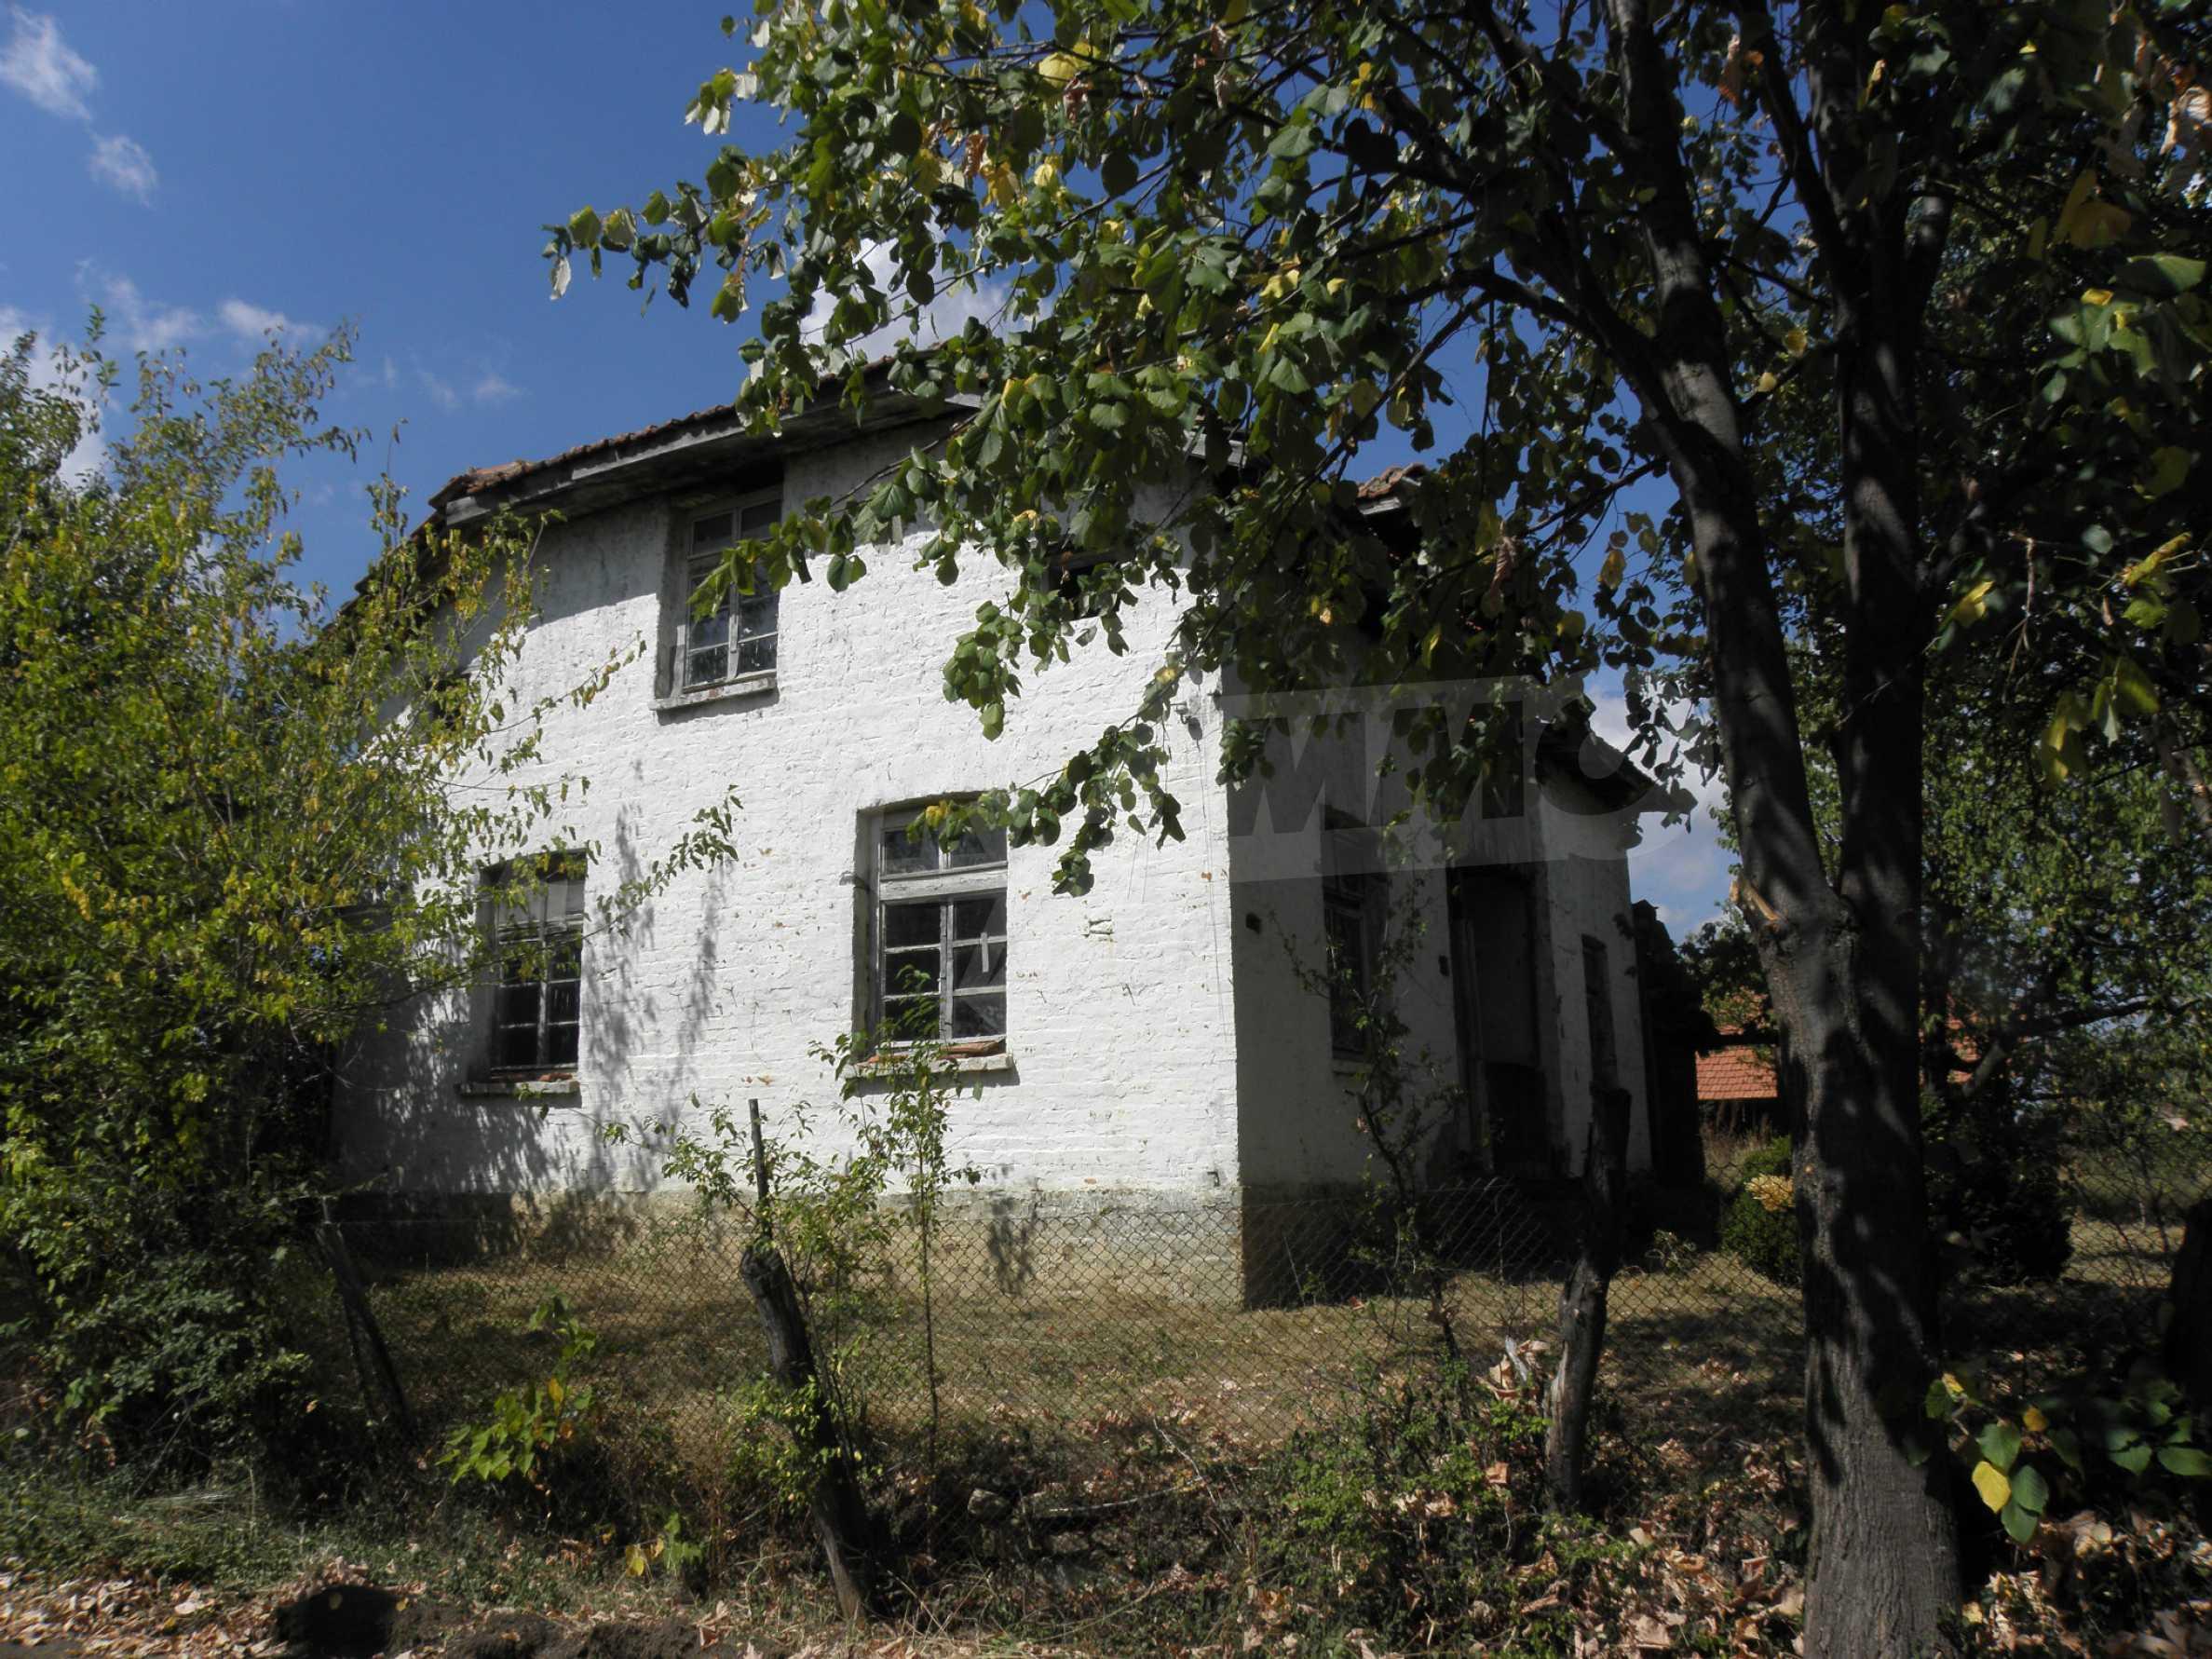 Old house in wonderful village near Sevlievo 2